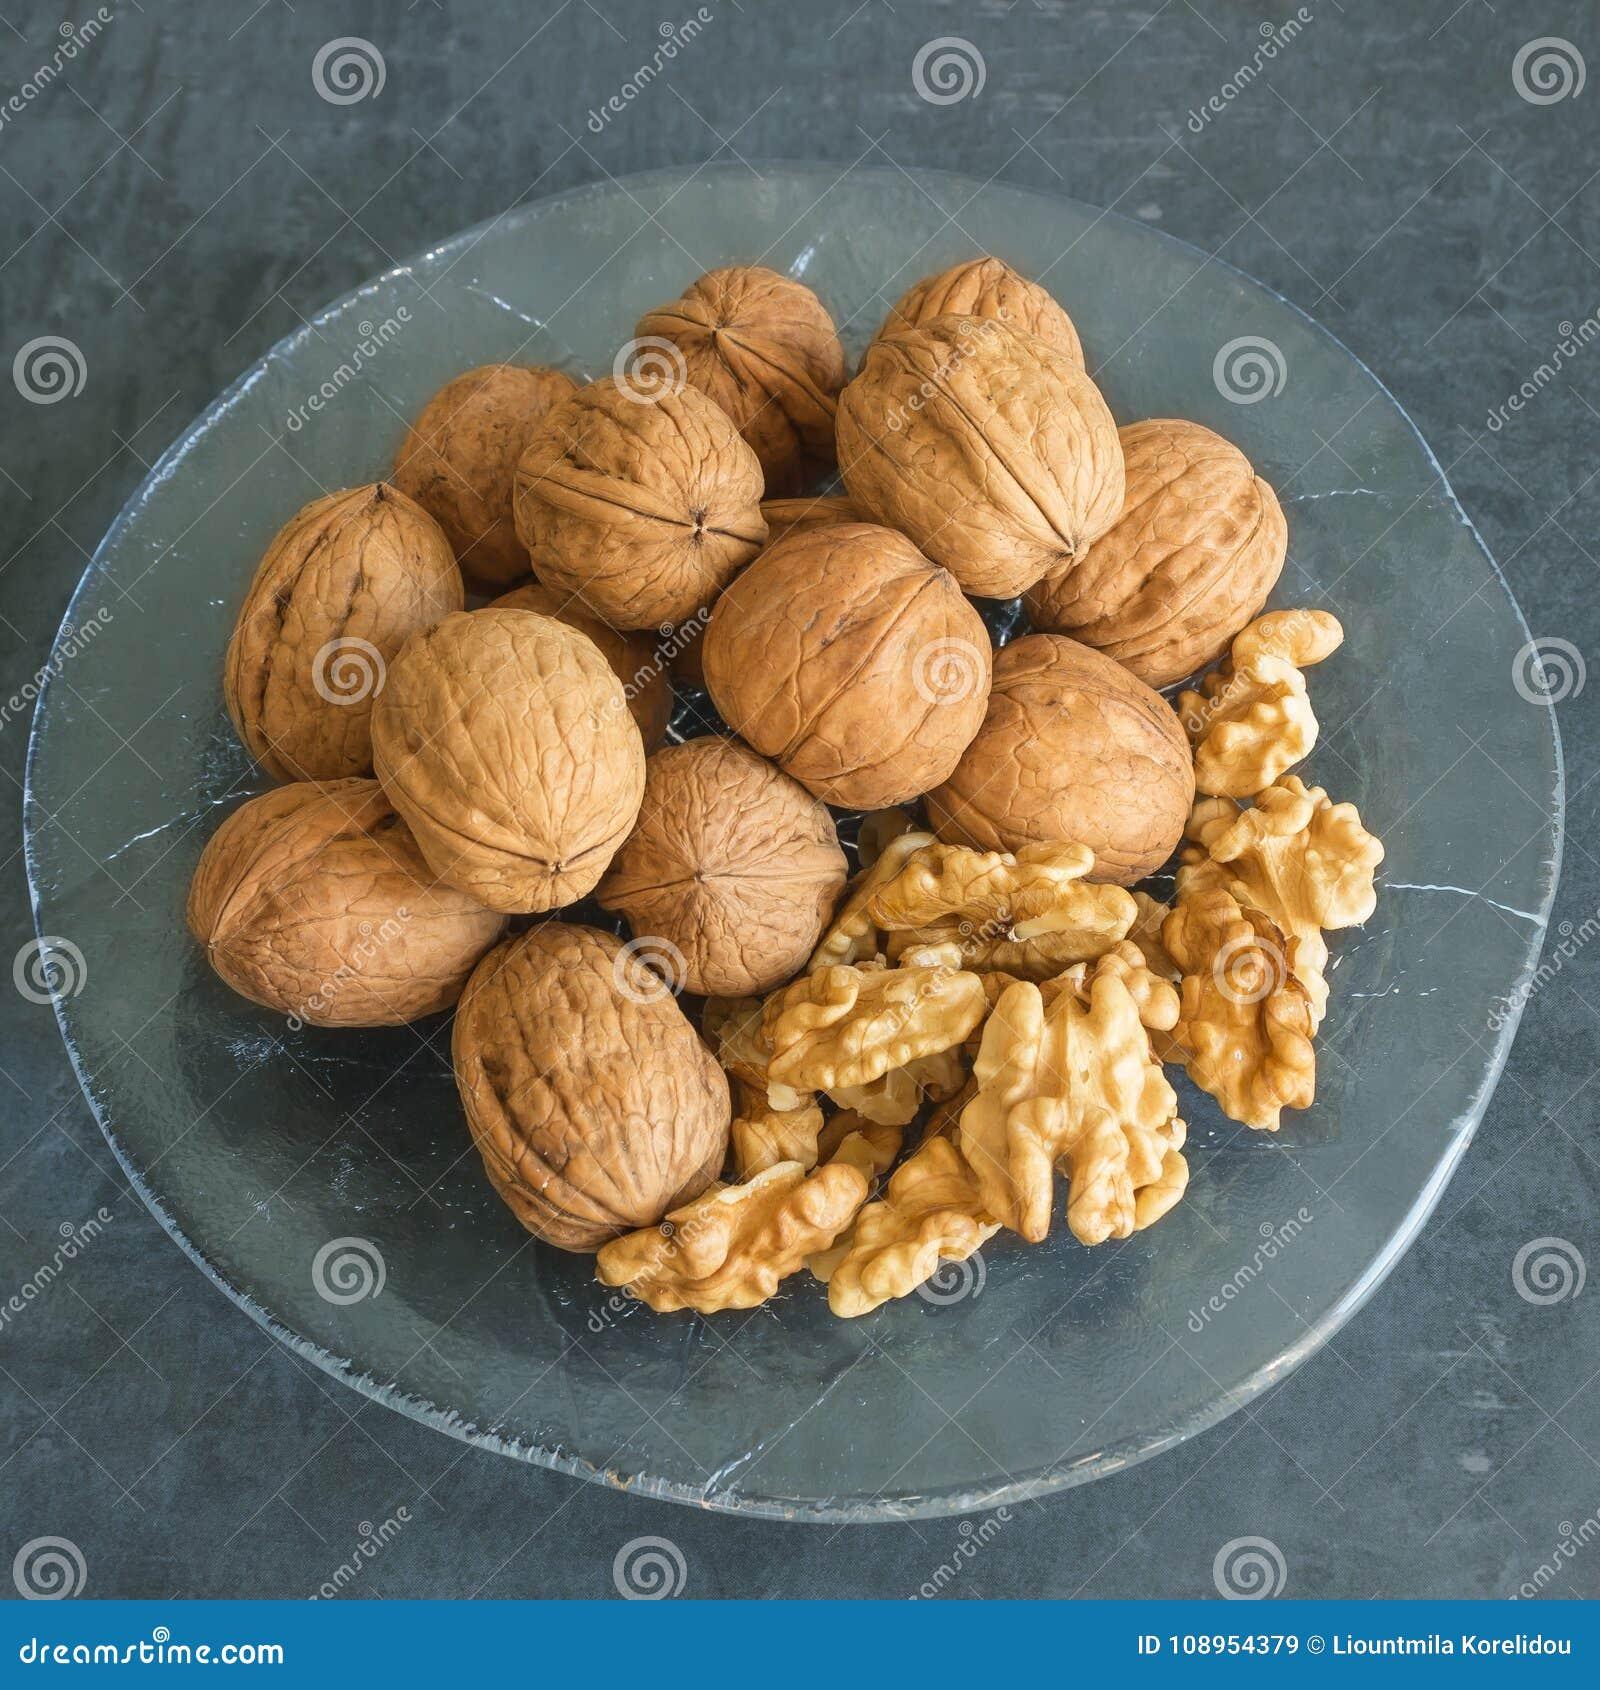 What is split food